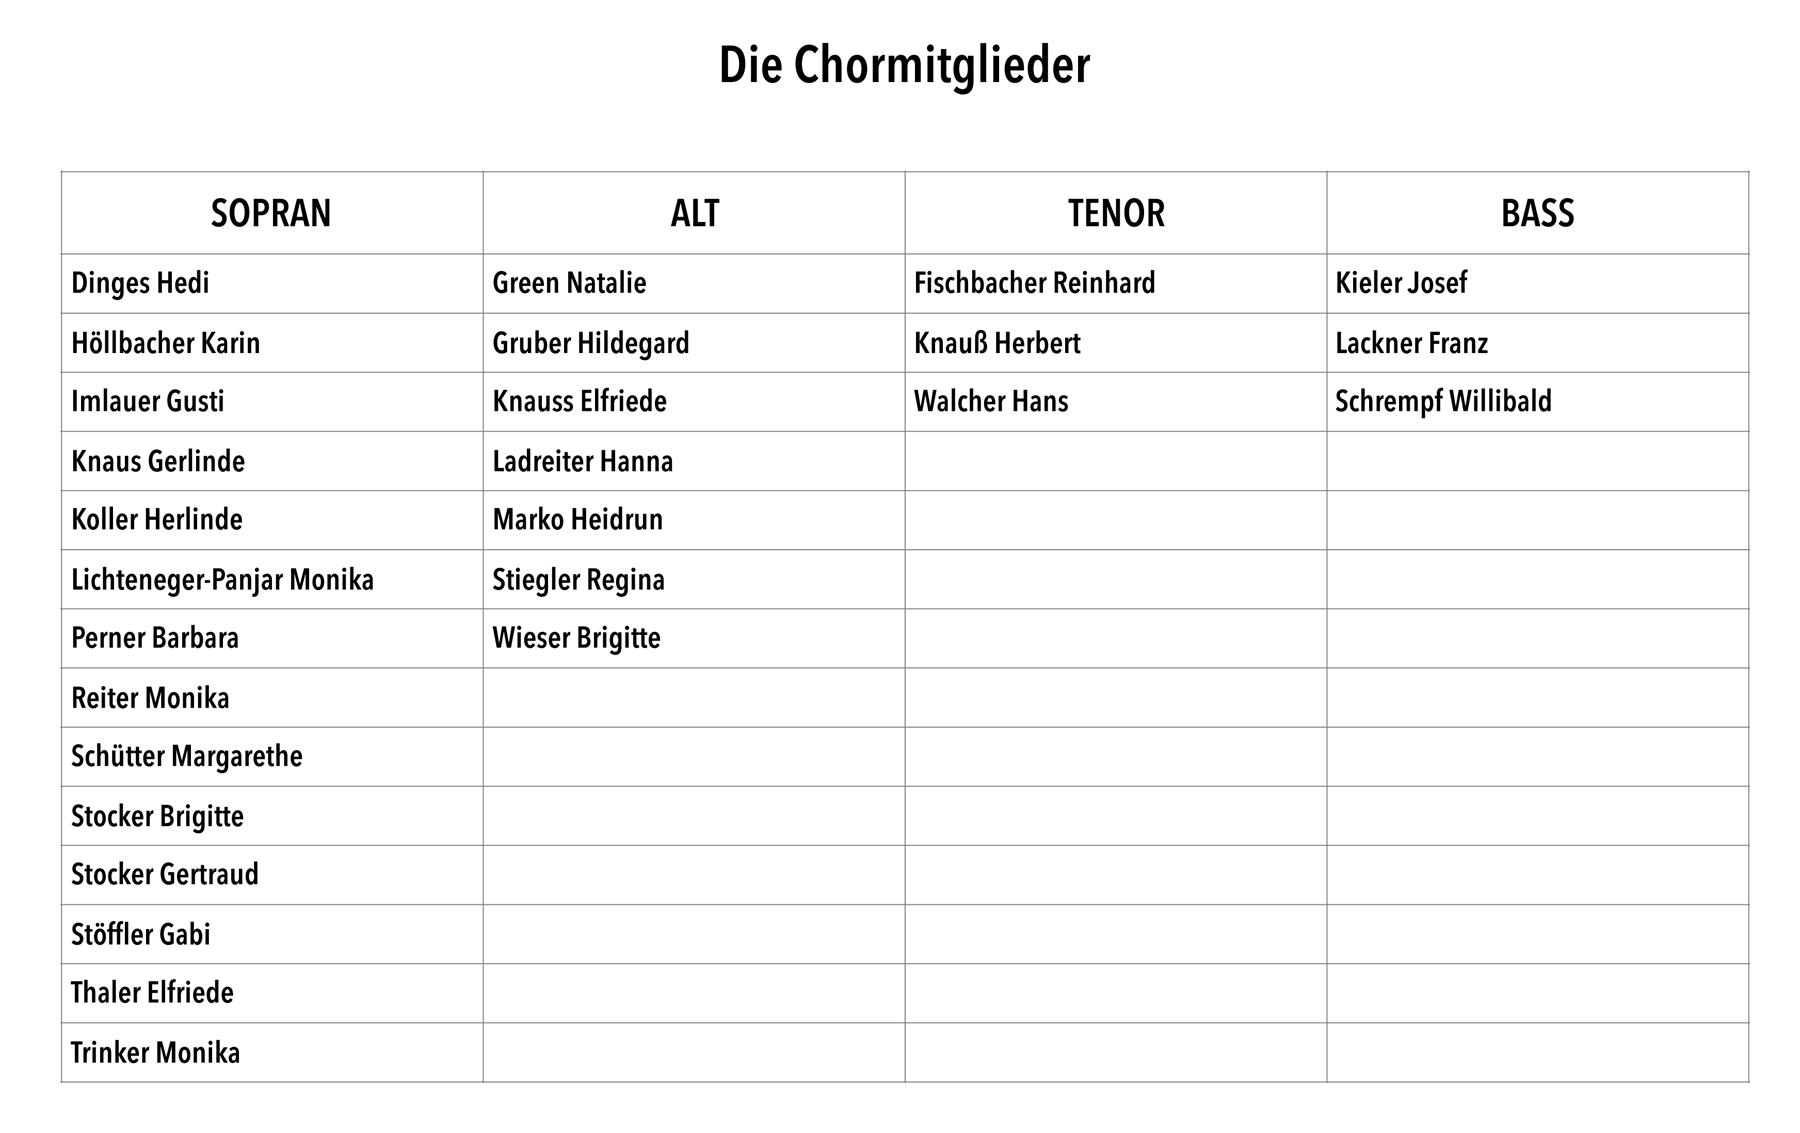 die-chormitglieder-1